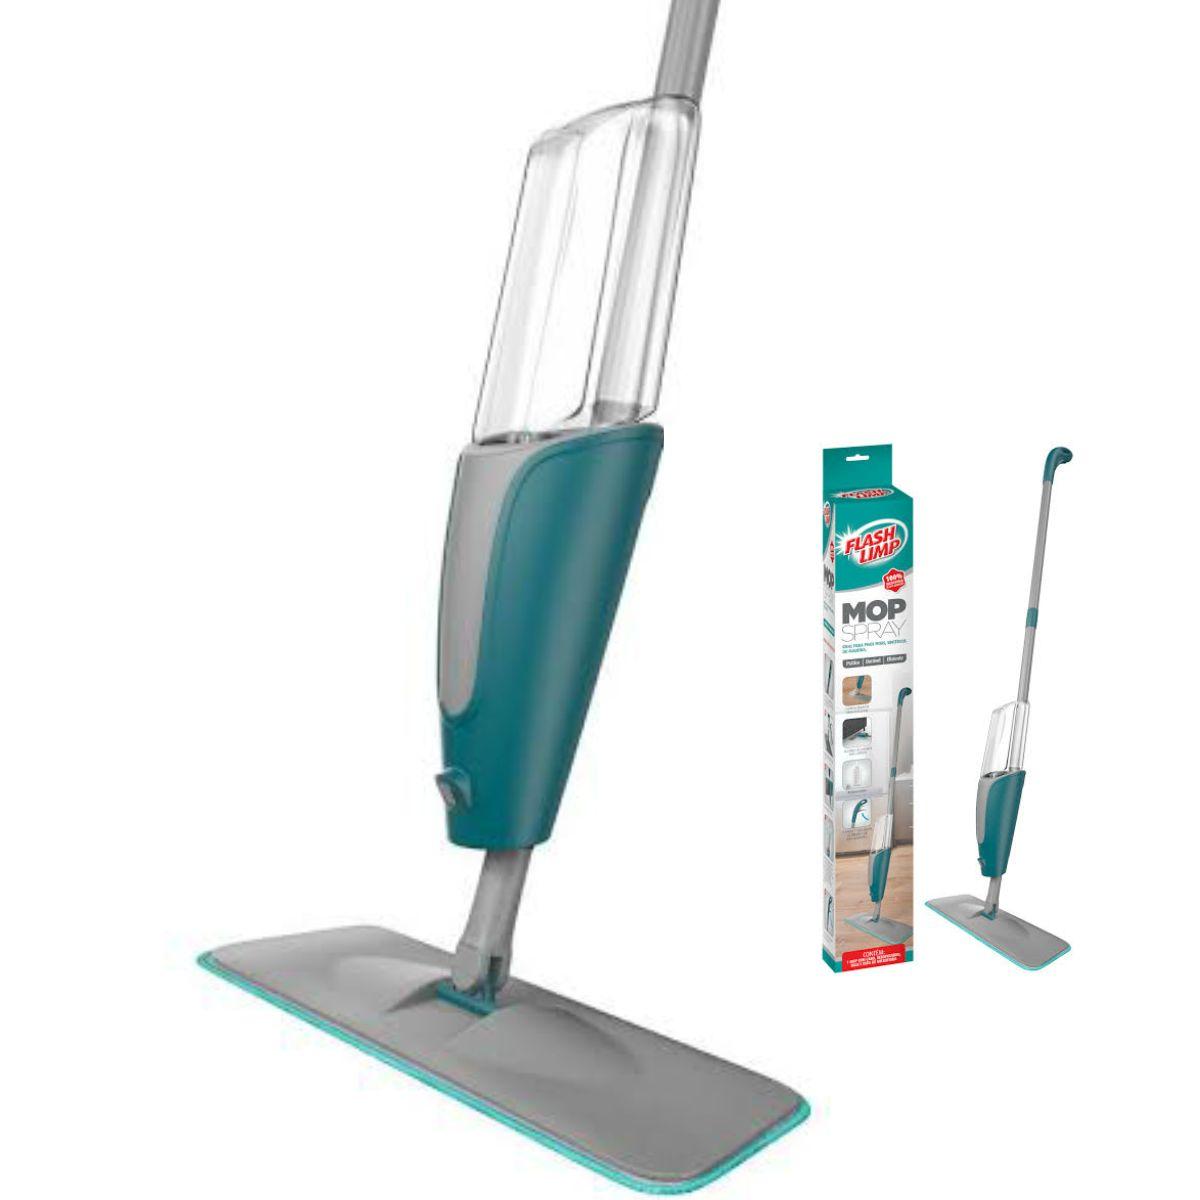 Mop Spray com reservatório - Flash Limp com 2 Refis Extra